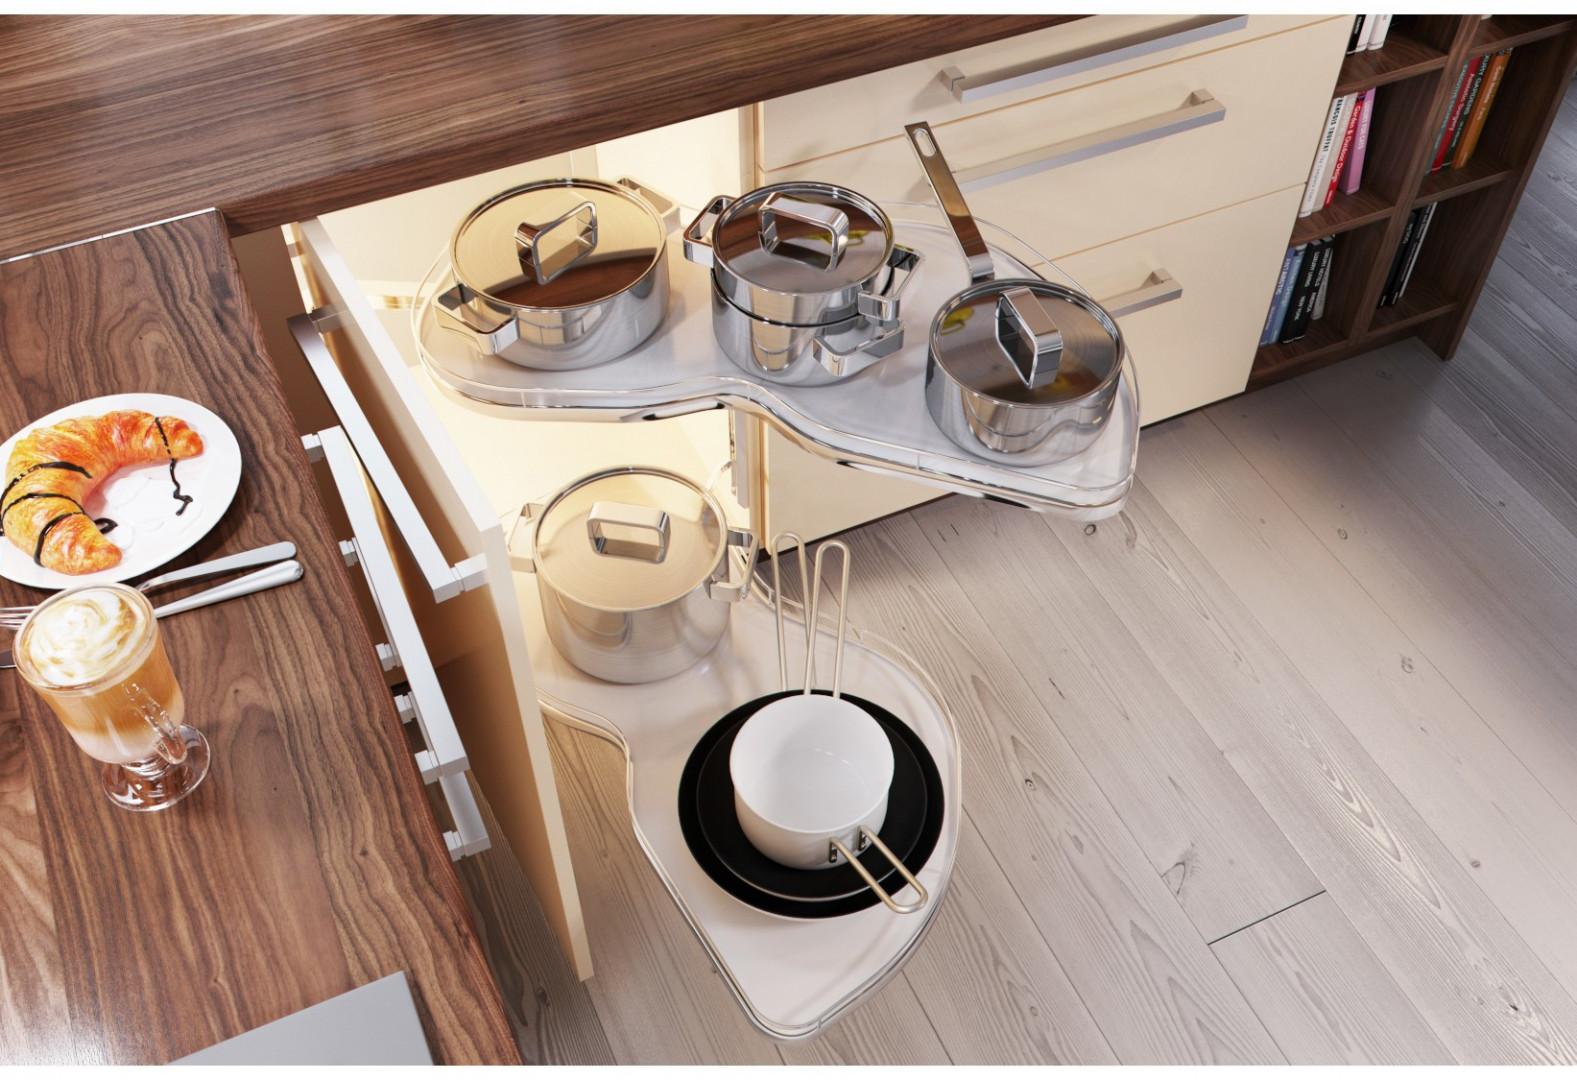 Szafki kuchenne mogą być wyposażone w wysokie lub niskie wysuwane carga (półki) oraz wielofunkcyjne kosze. Fot. Agata